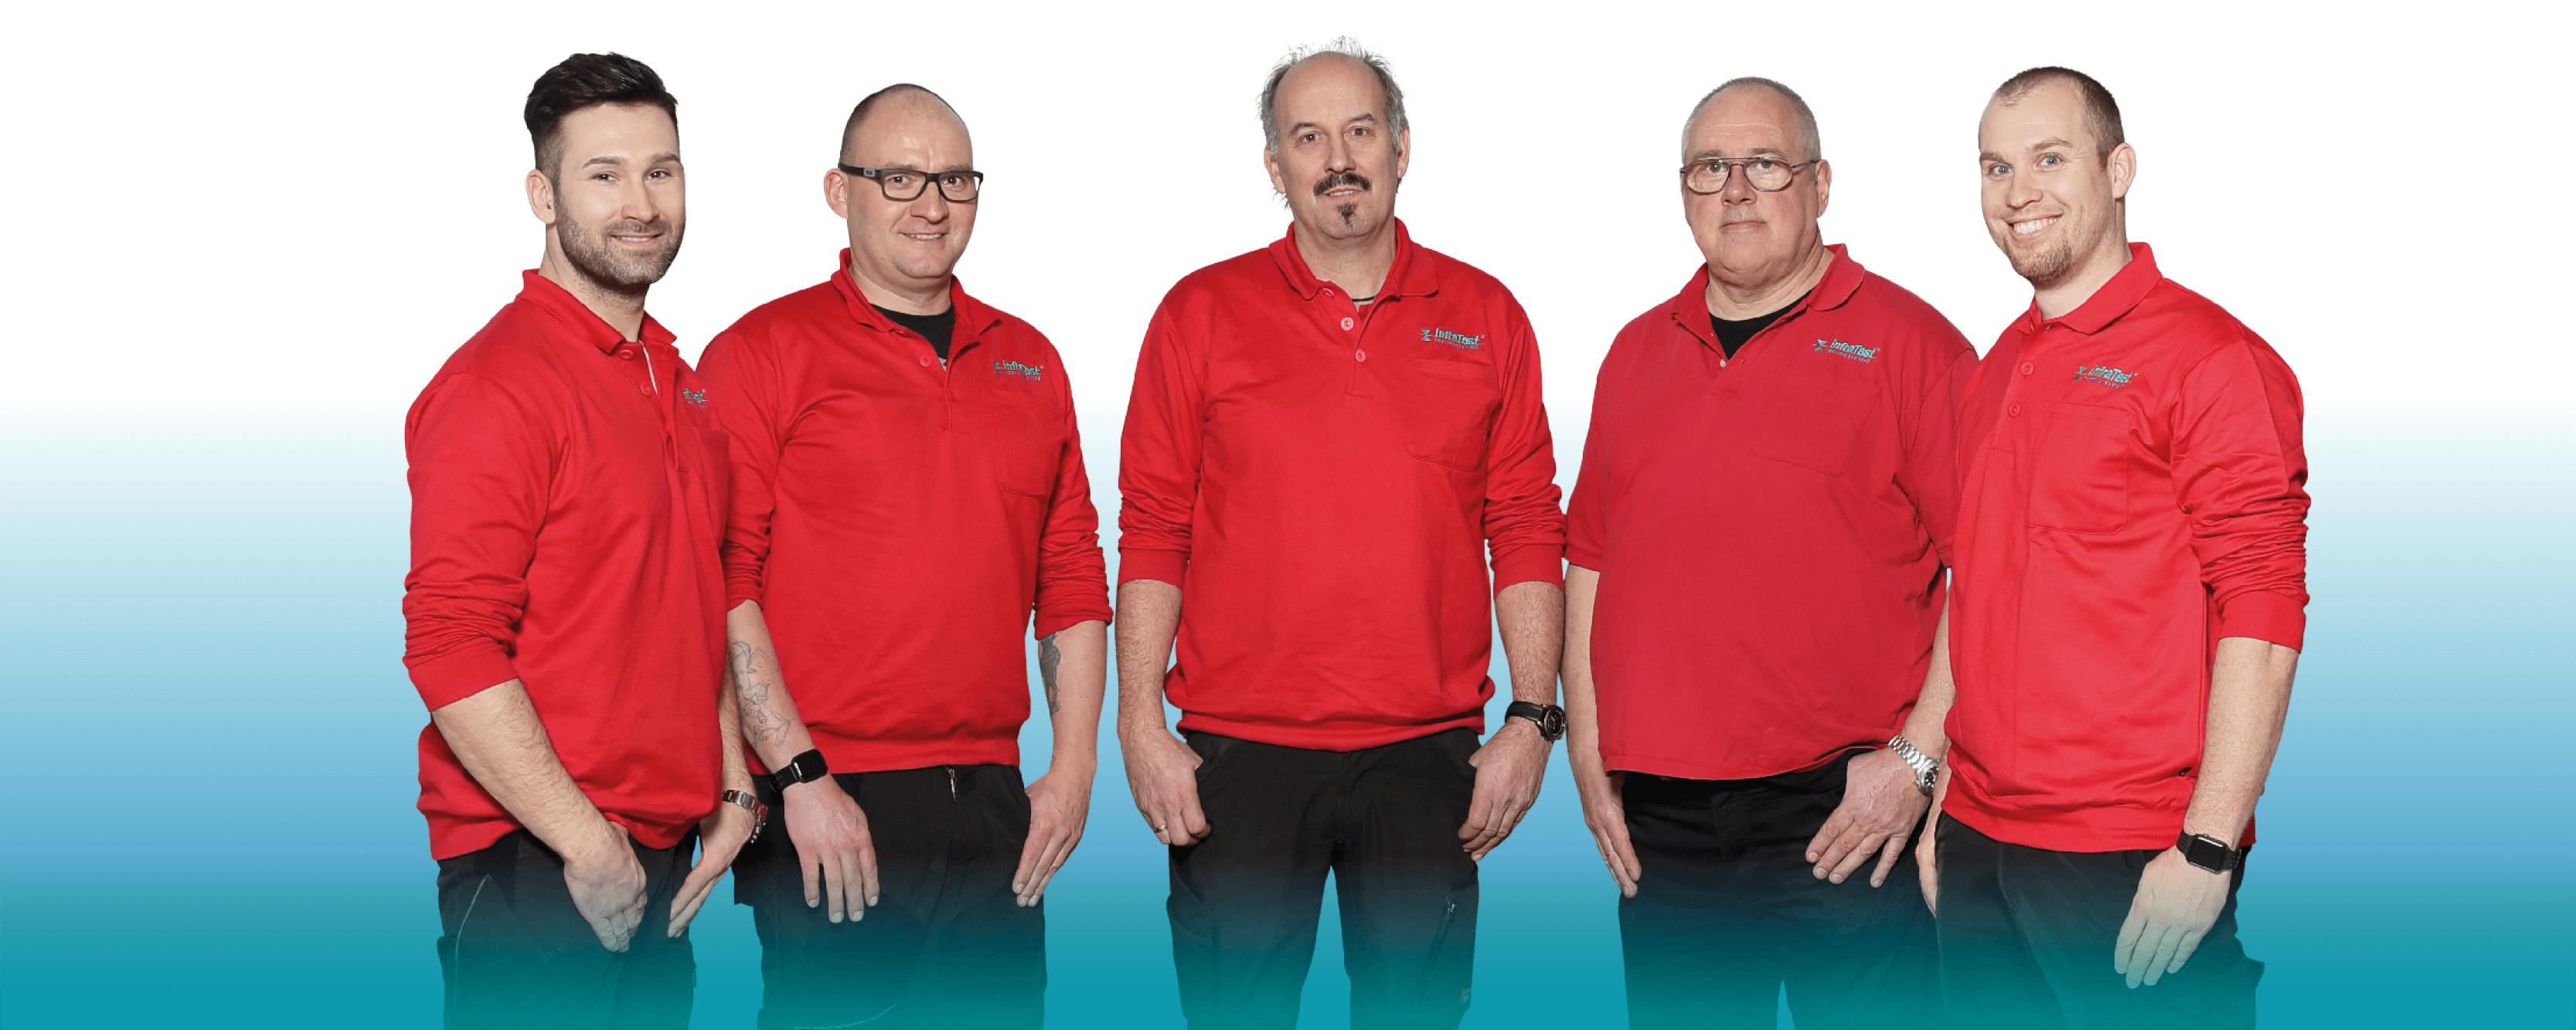 Unser Serviceteam ist immer für Sie da! Rufen Sie uns an.